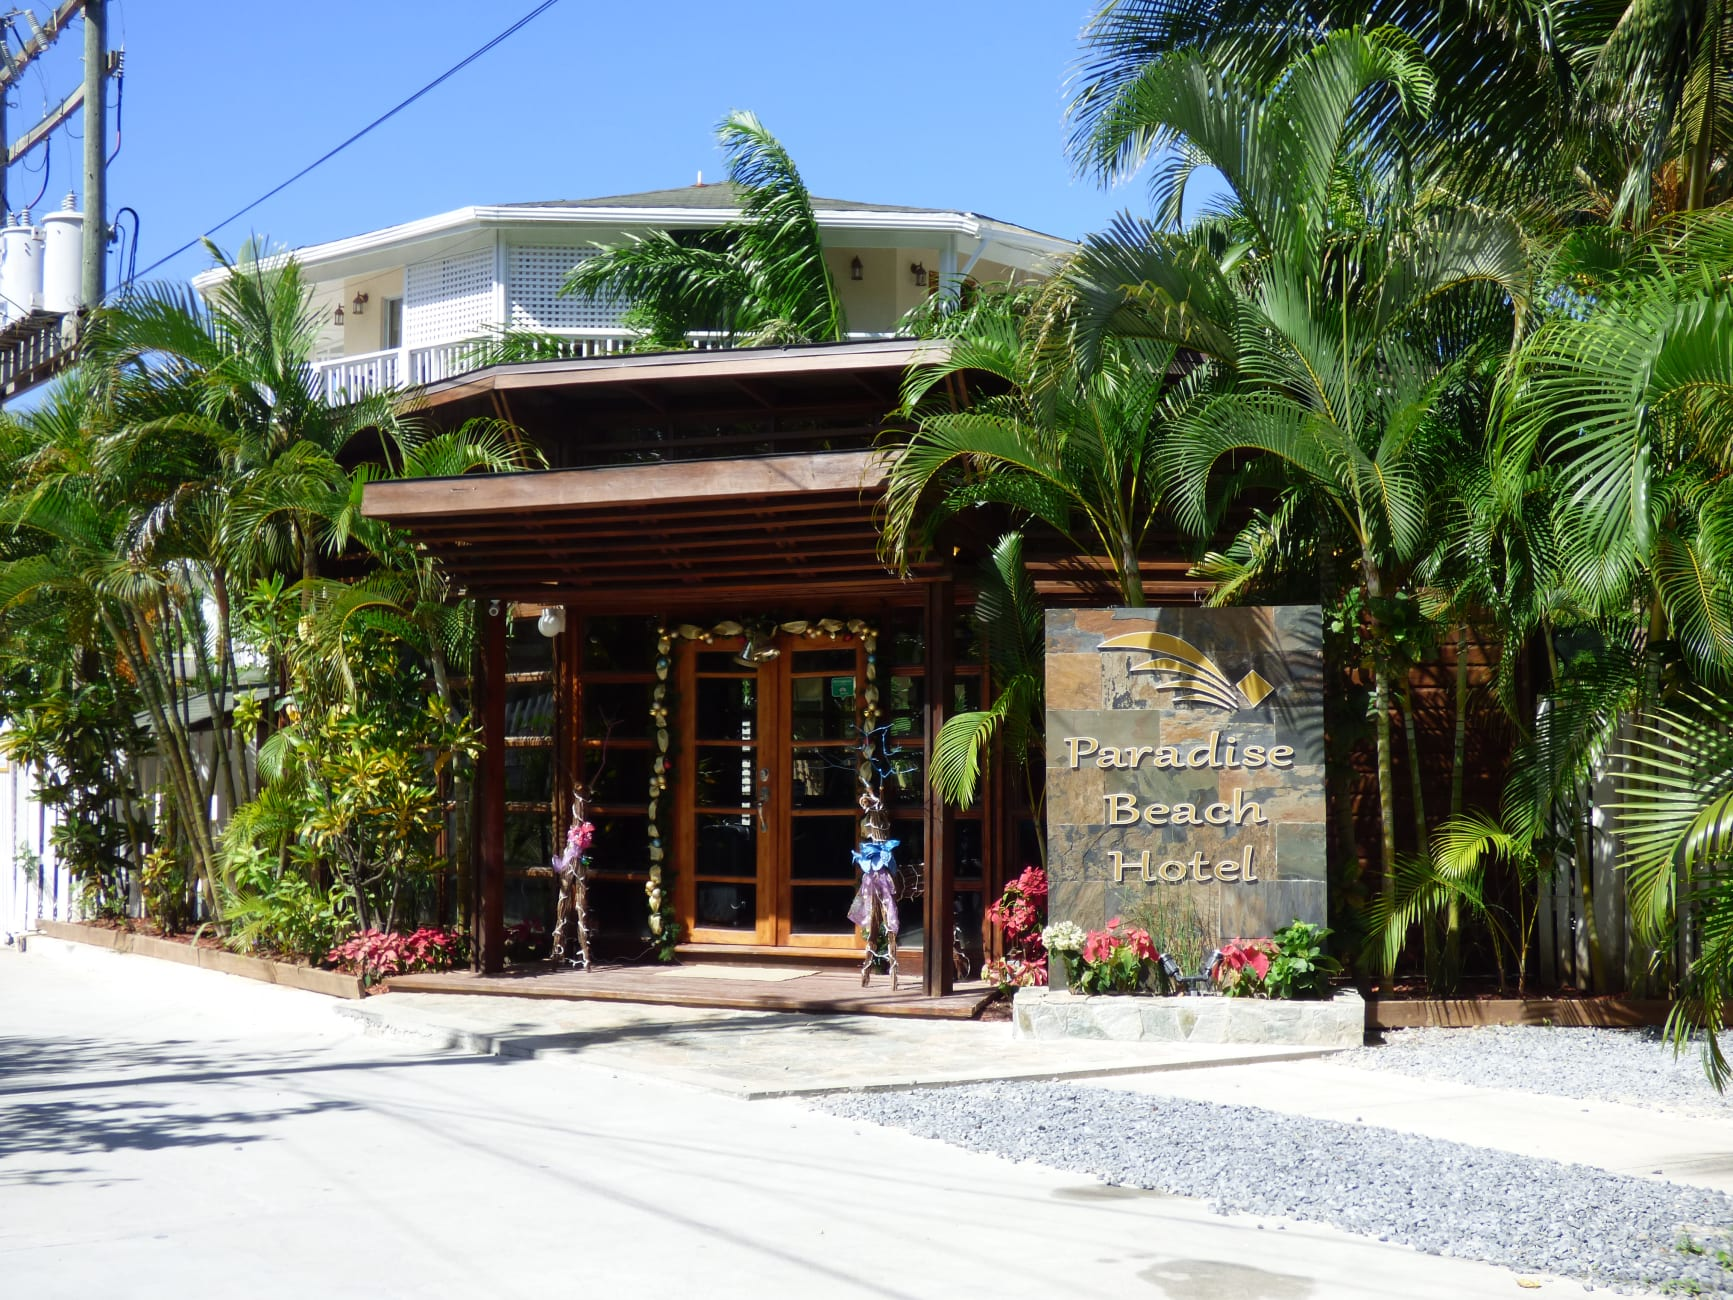 Hotel Paradise Beach Roatán